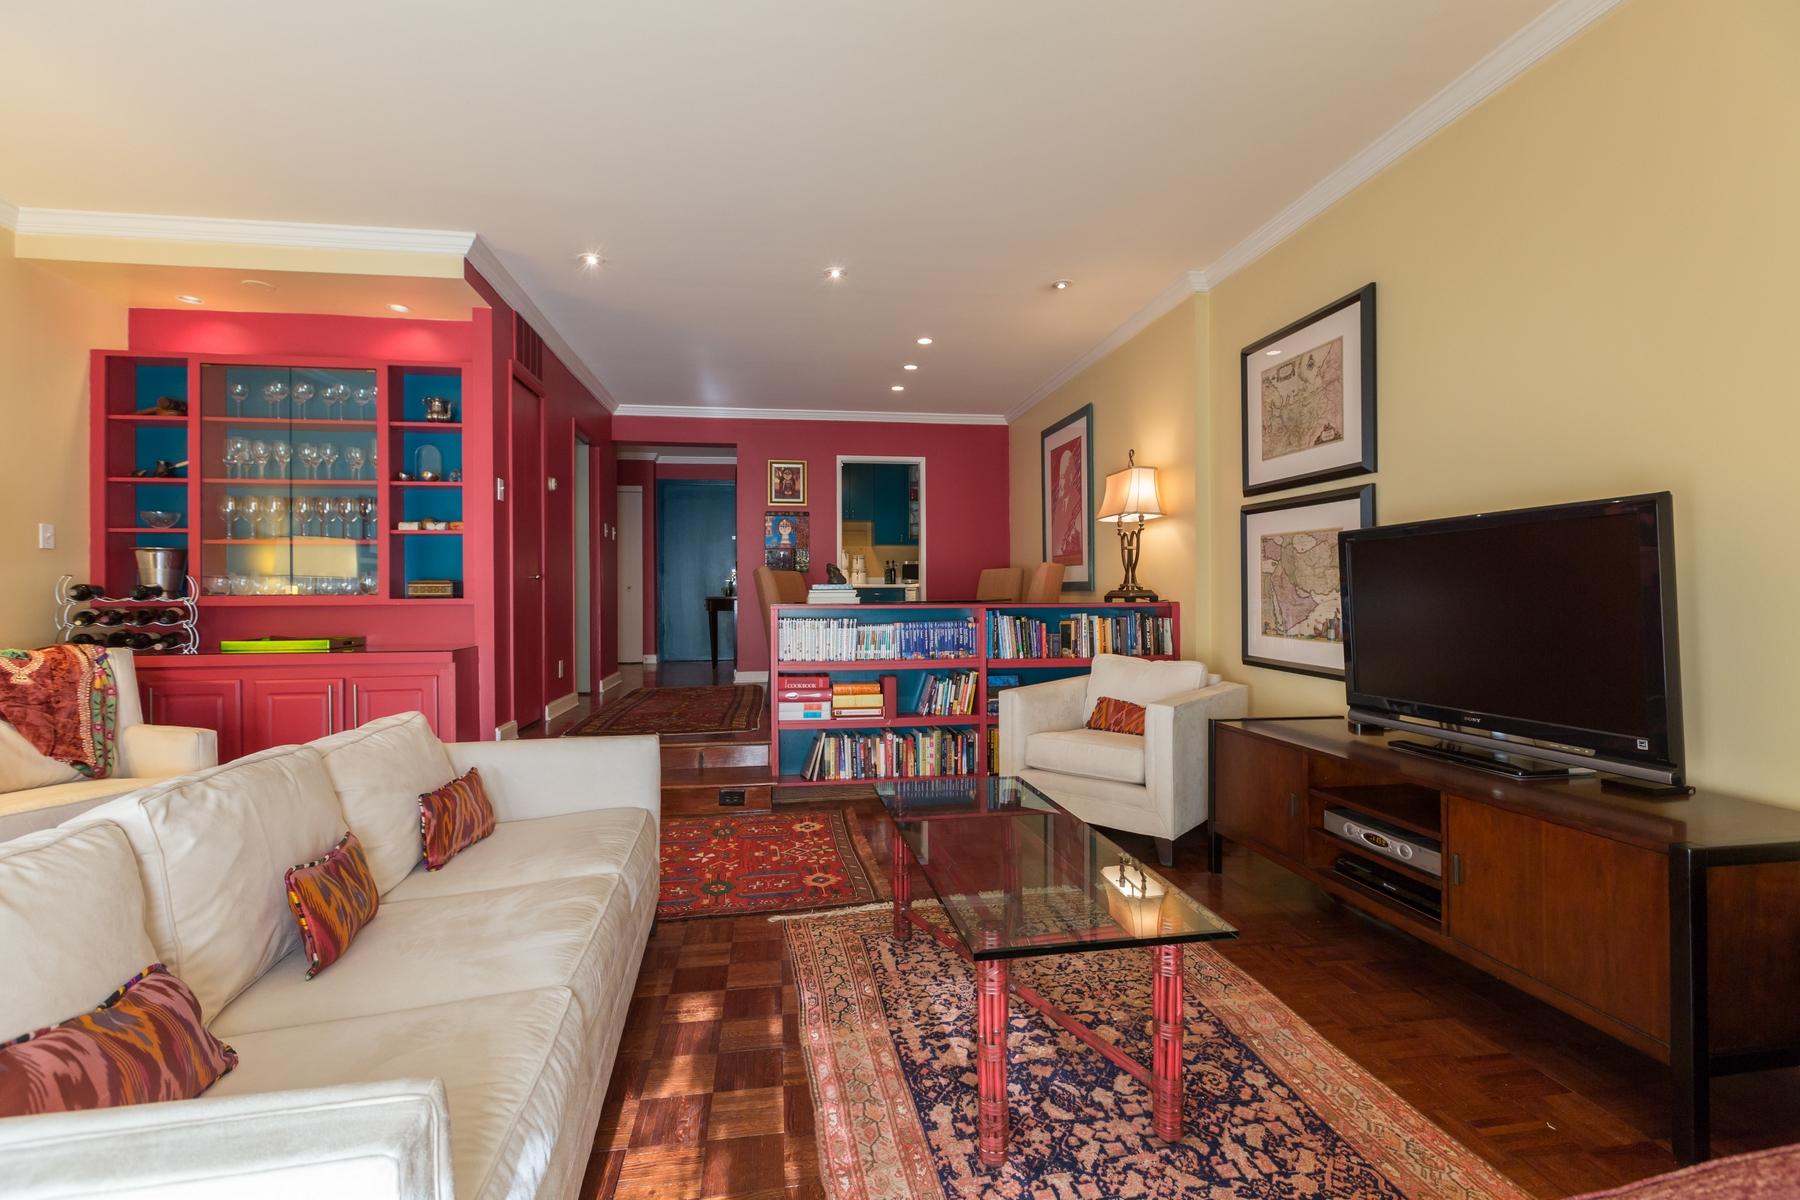 Кооперативная квартира для того Продажа на West End 2501 M Street Nw 610 Washington, Округ Колумбия 20037 Соединенные Штаты